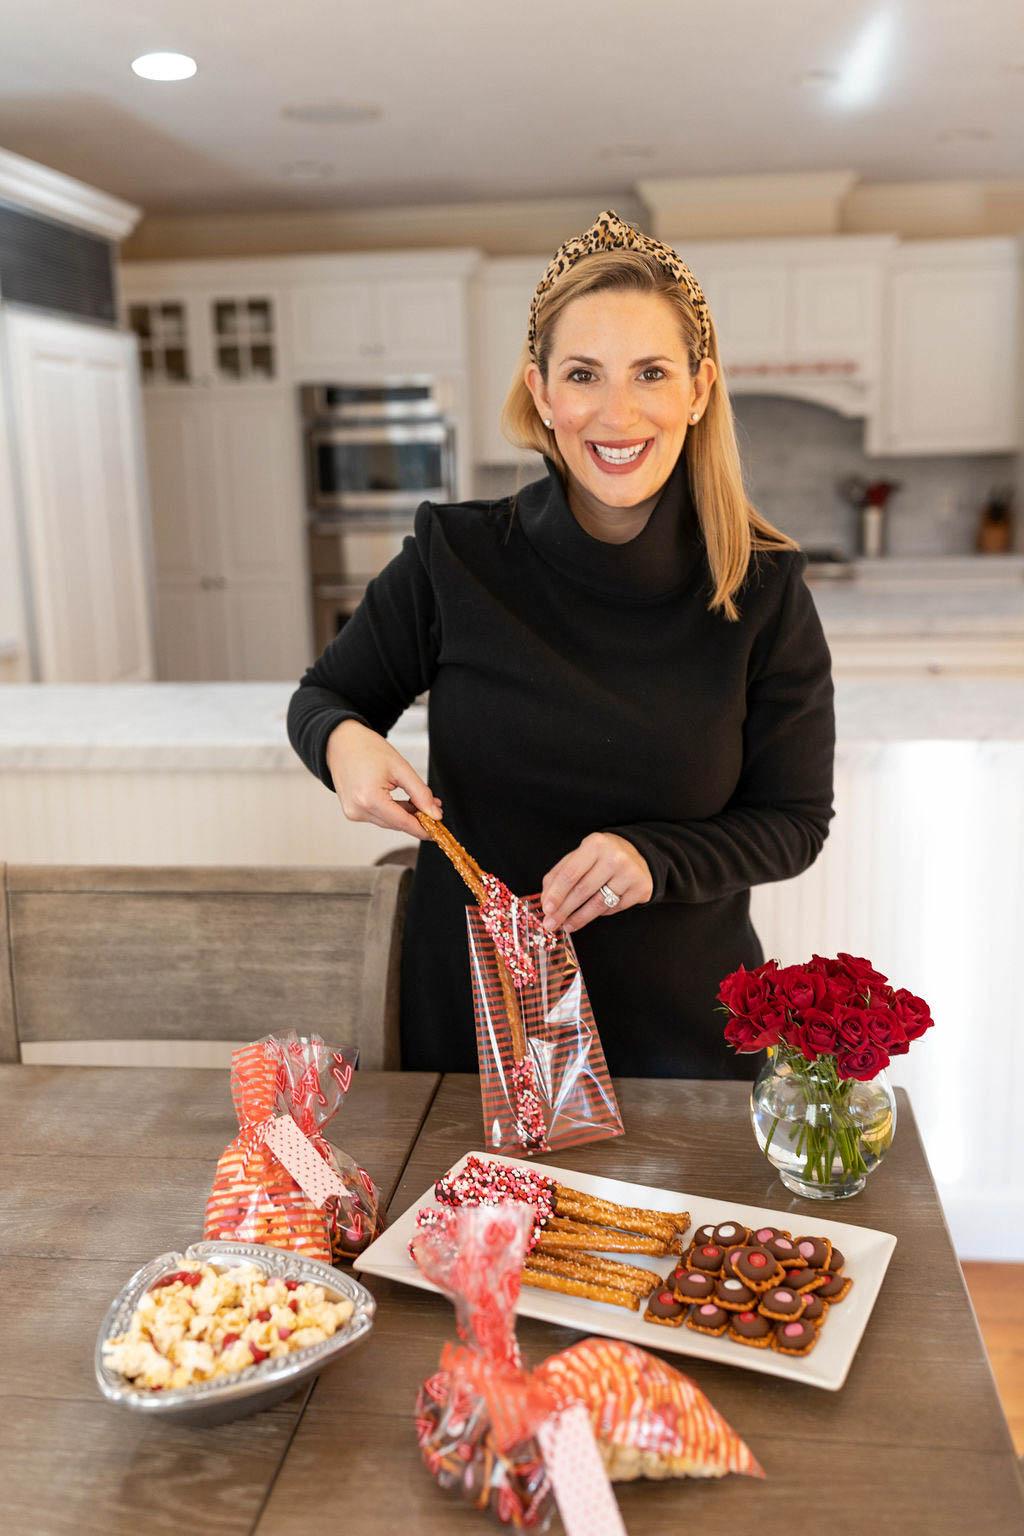 Three Easy Homemade Valentine's Day Treats